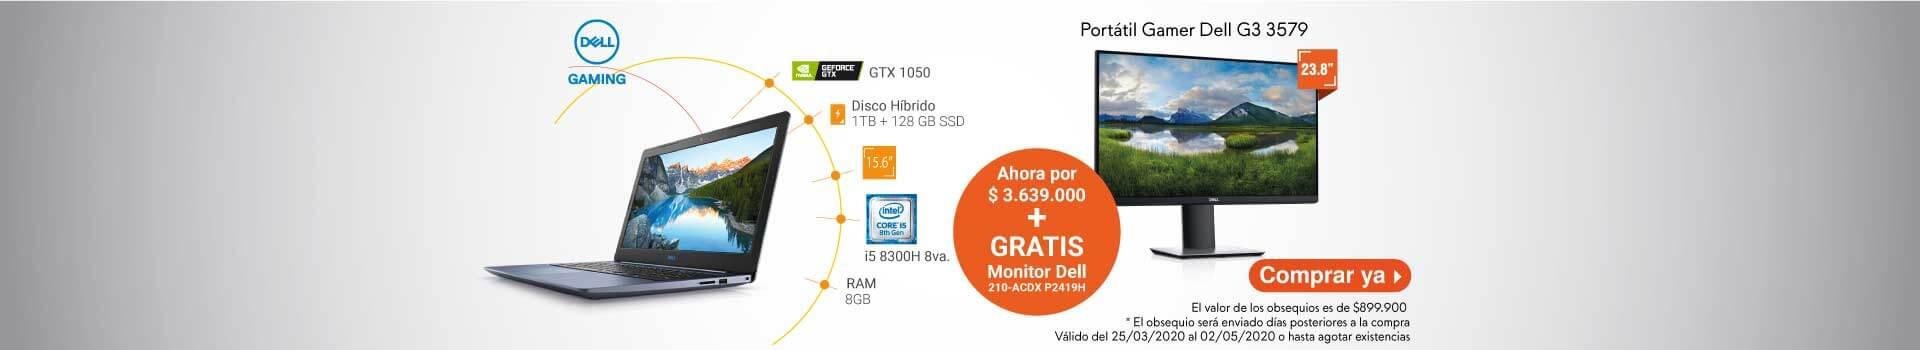 AK-KT-EXP-DELL-633579-i58-catgamer-computadores-y-tablets2abril